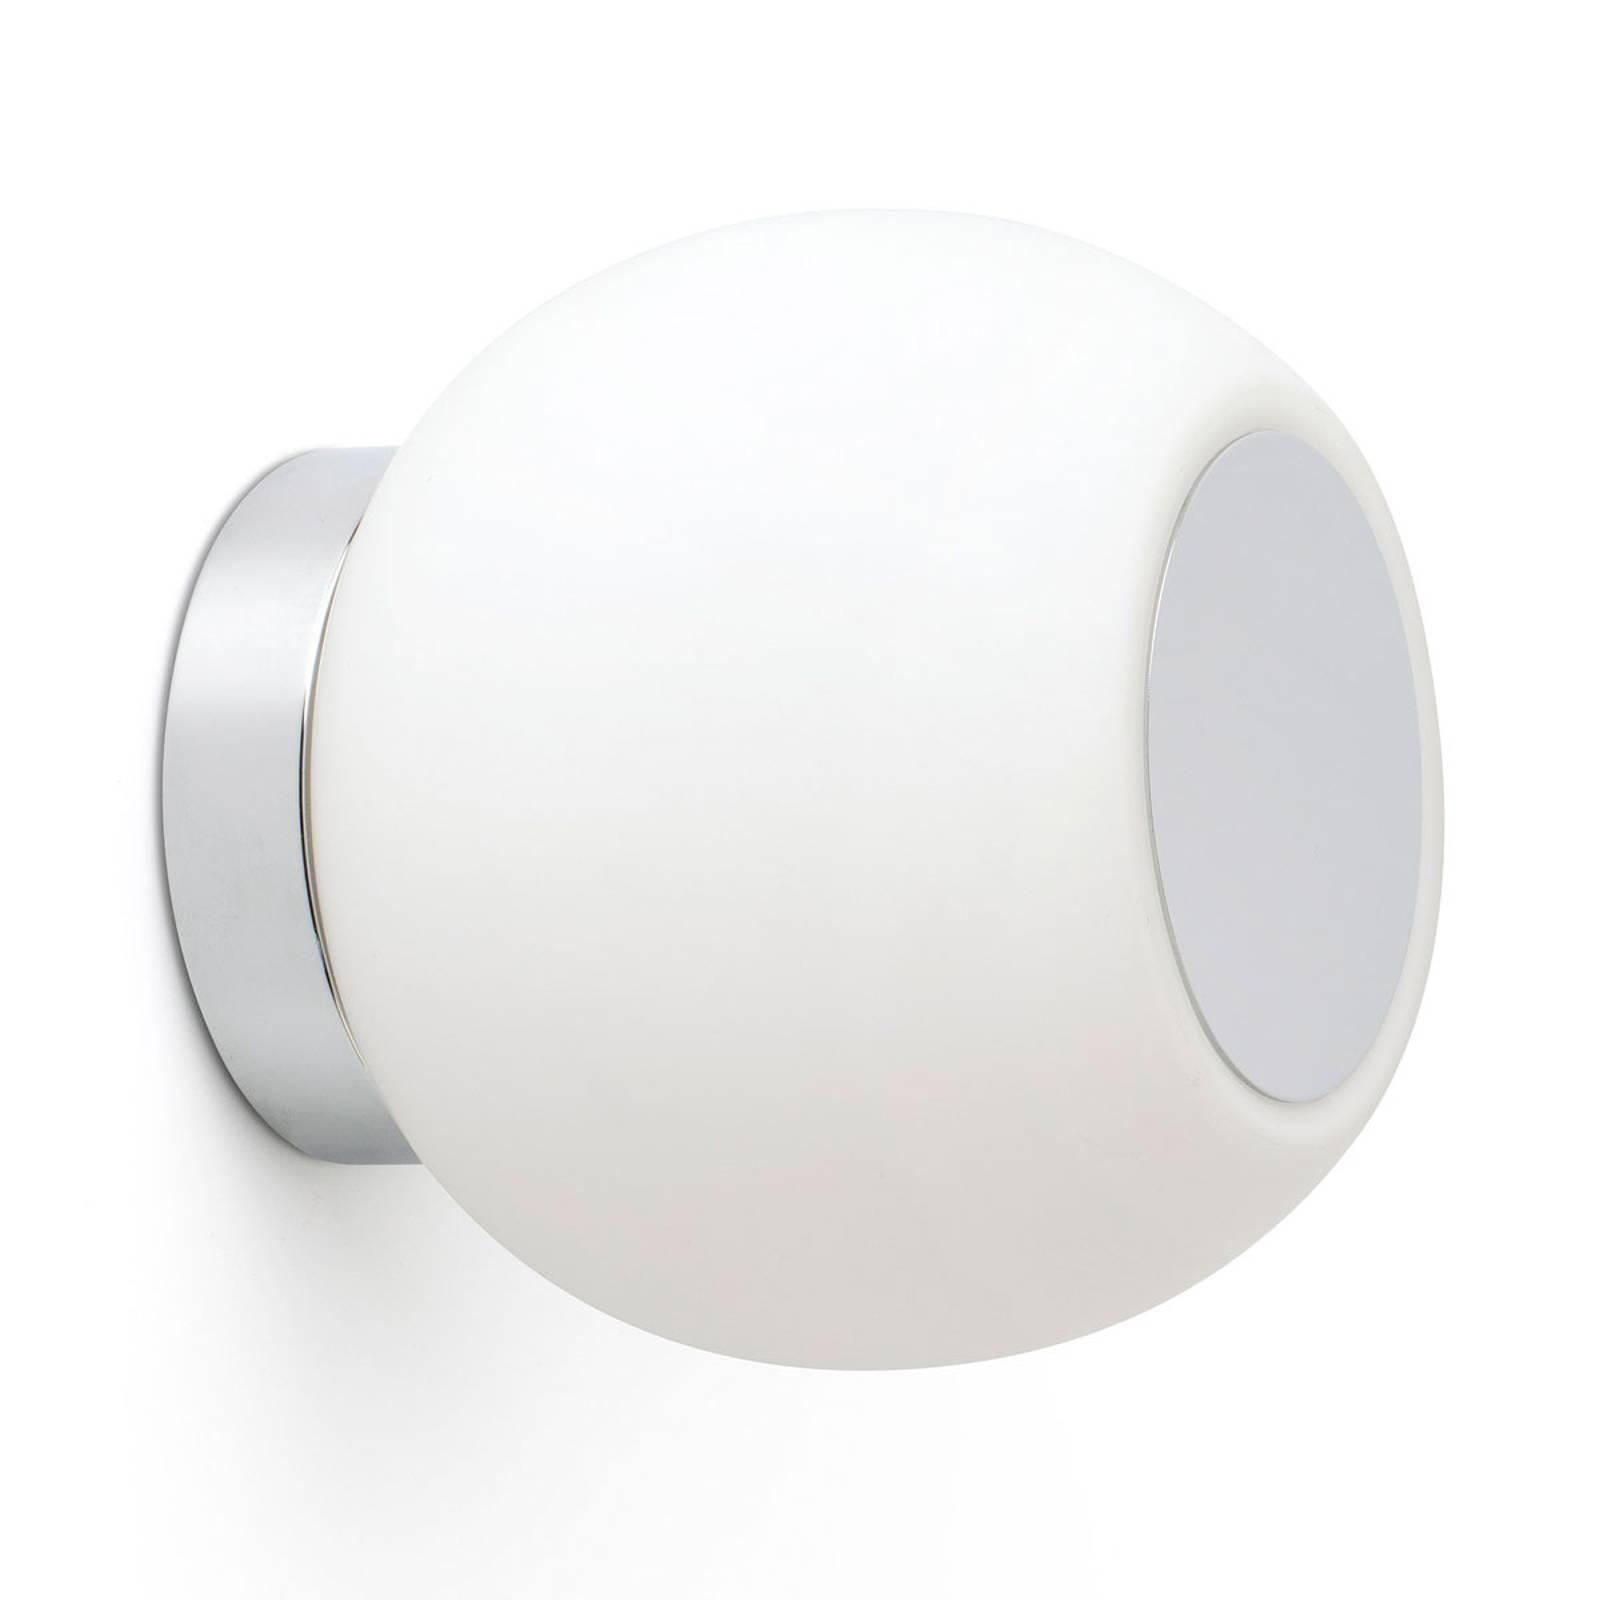 LED wandlamp Moy in chroom met glazen kap